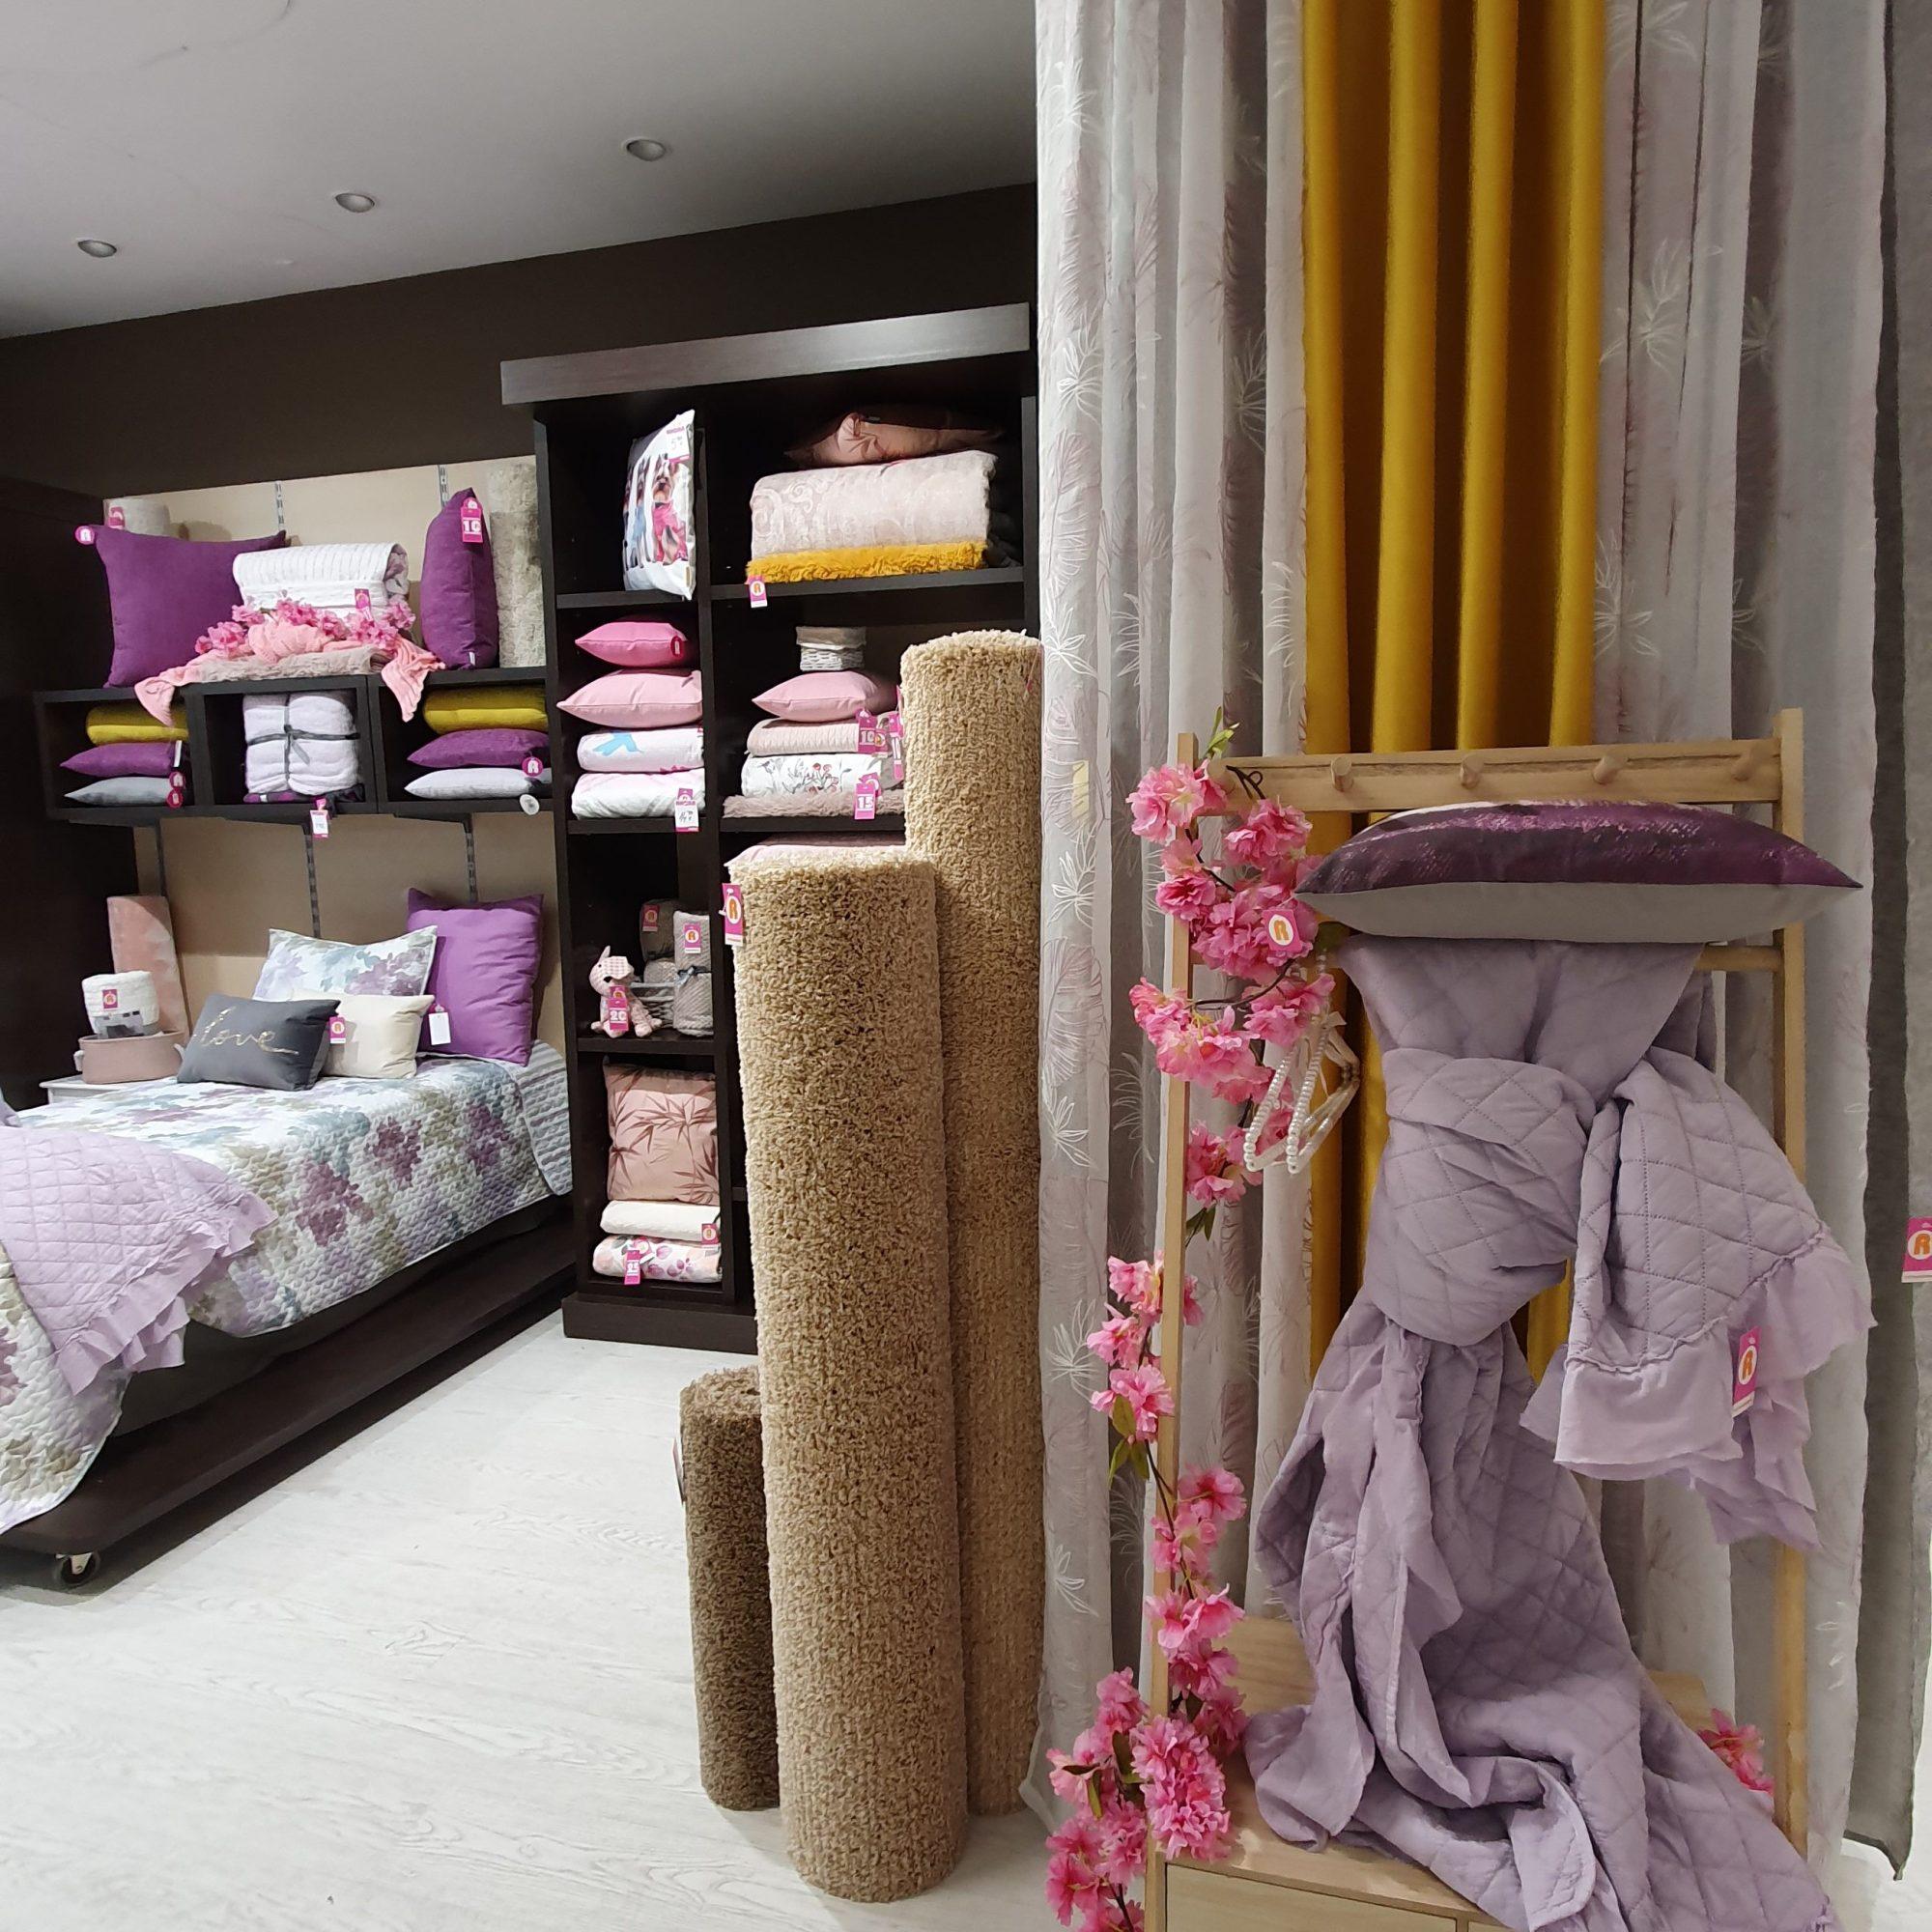 Escaparatismo - visual merchandising para tiendas de hogar - estilismos